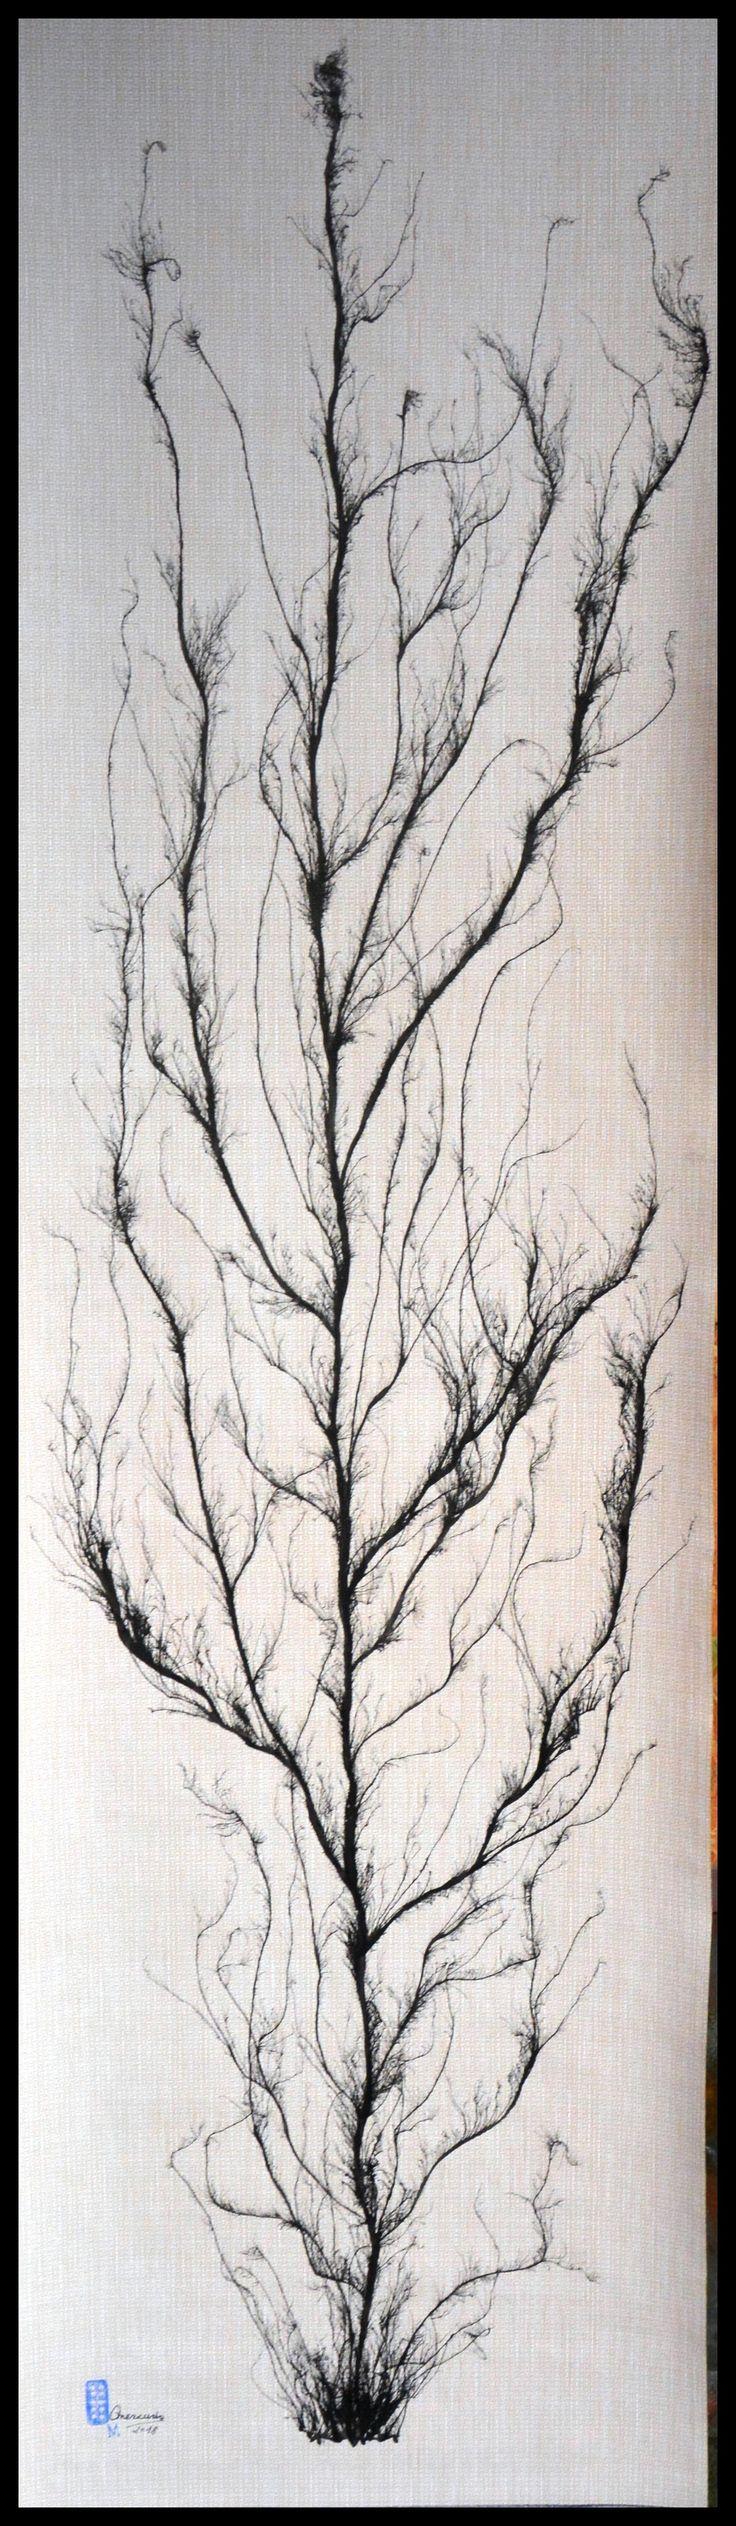 """FICHA TECNICA DE LAS OBRAS """"ARBOLES QUE MIRAIS AL CIELO"""" Nº6 La obra esta realizada con Tinta China al estilo de la escuela del sur de China, también conocida como """"pintura sin huesos"""" (pintura sin contornos). Autor: Mercurio Marin Soporte: Papel pintado. (150gr) Medidas:  Alto.-180cm  Ancho.-52cm Precio: 90€ Gasto de envío a la Península: 9€ (otros preguntar) Forma de pago: Contra reembolso Se envía en tubo de cartón rígido. Certificado de Autenticidad y Pieza Única."""